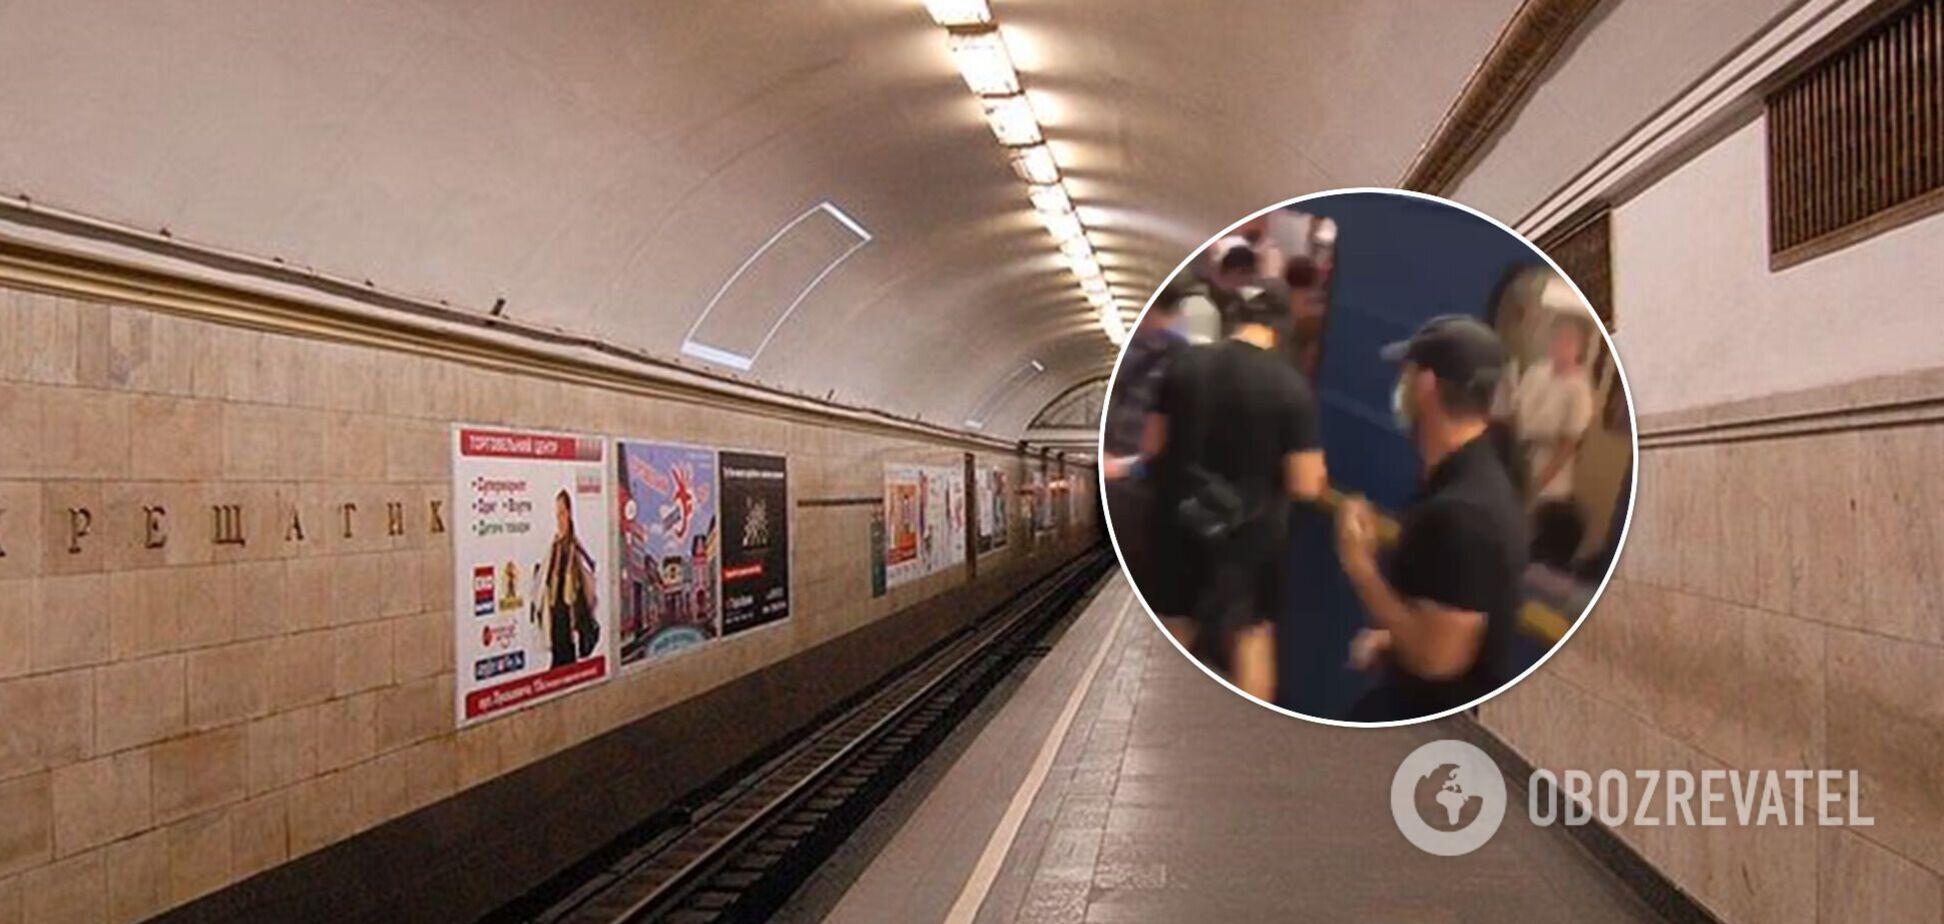 У київському метро під час масової бійки розпорошили газ на платформі. Фото та відео